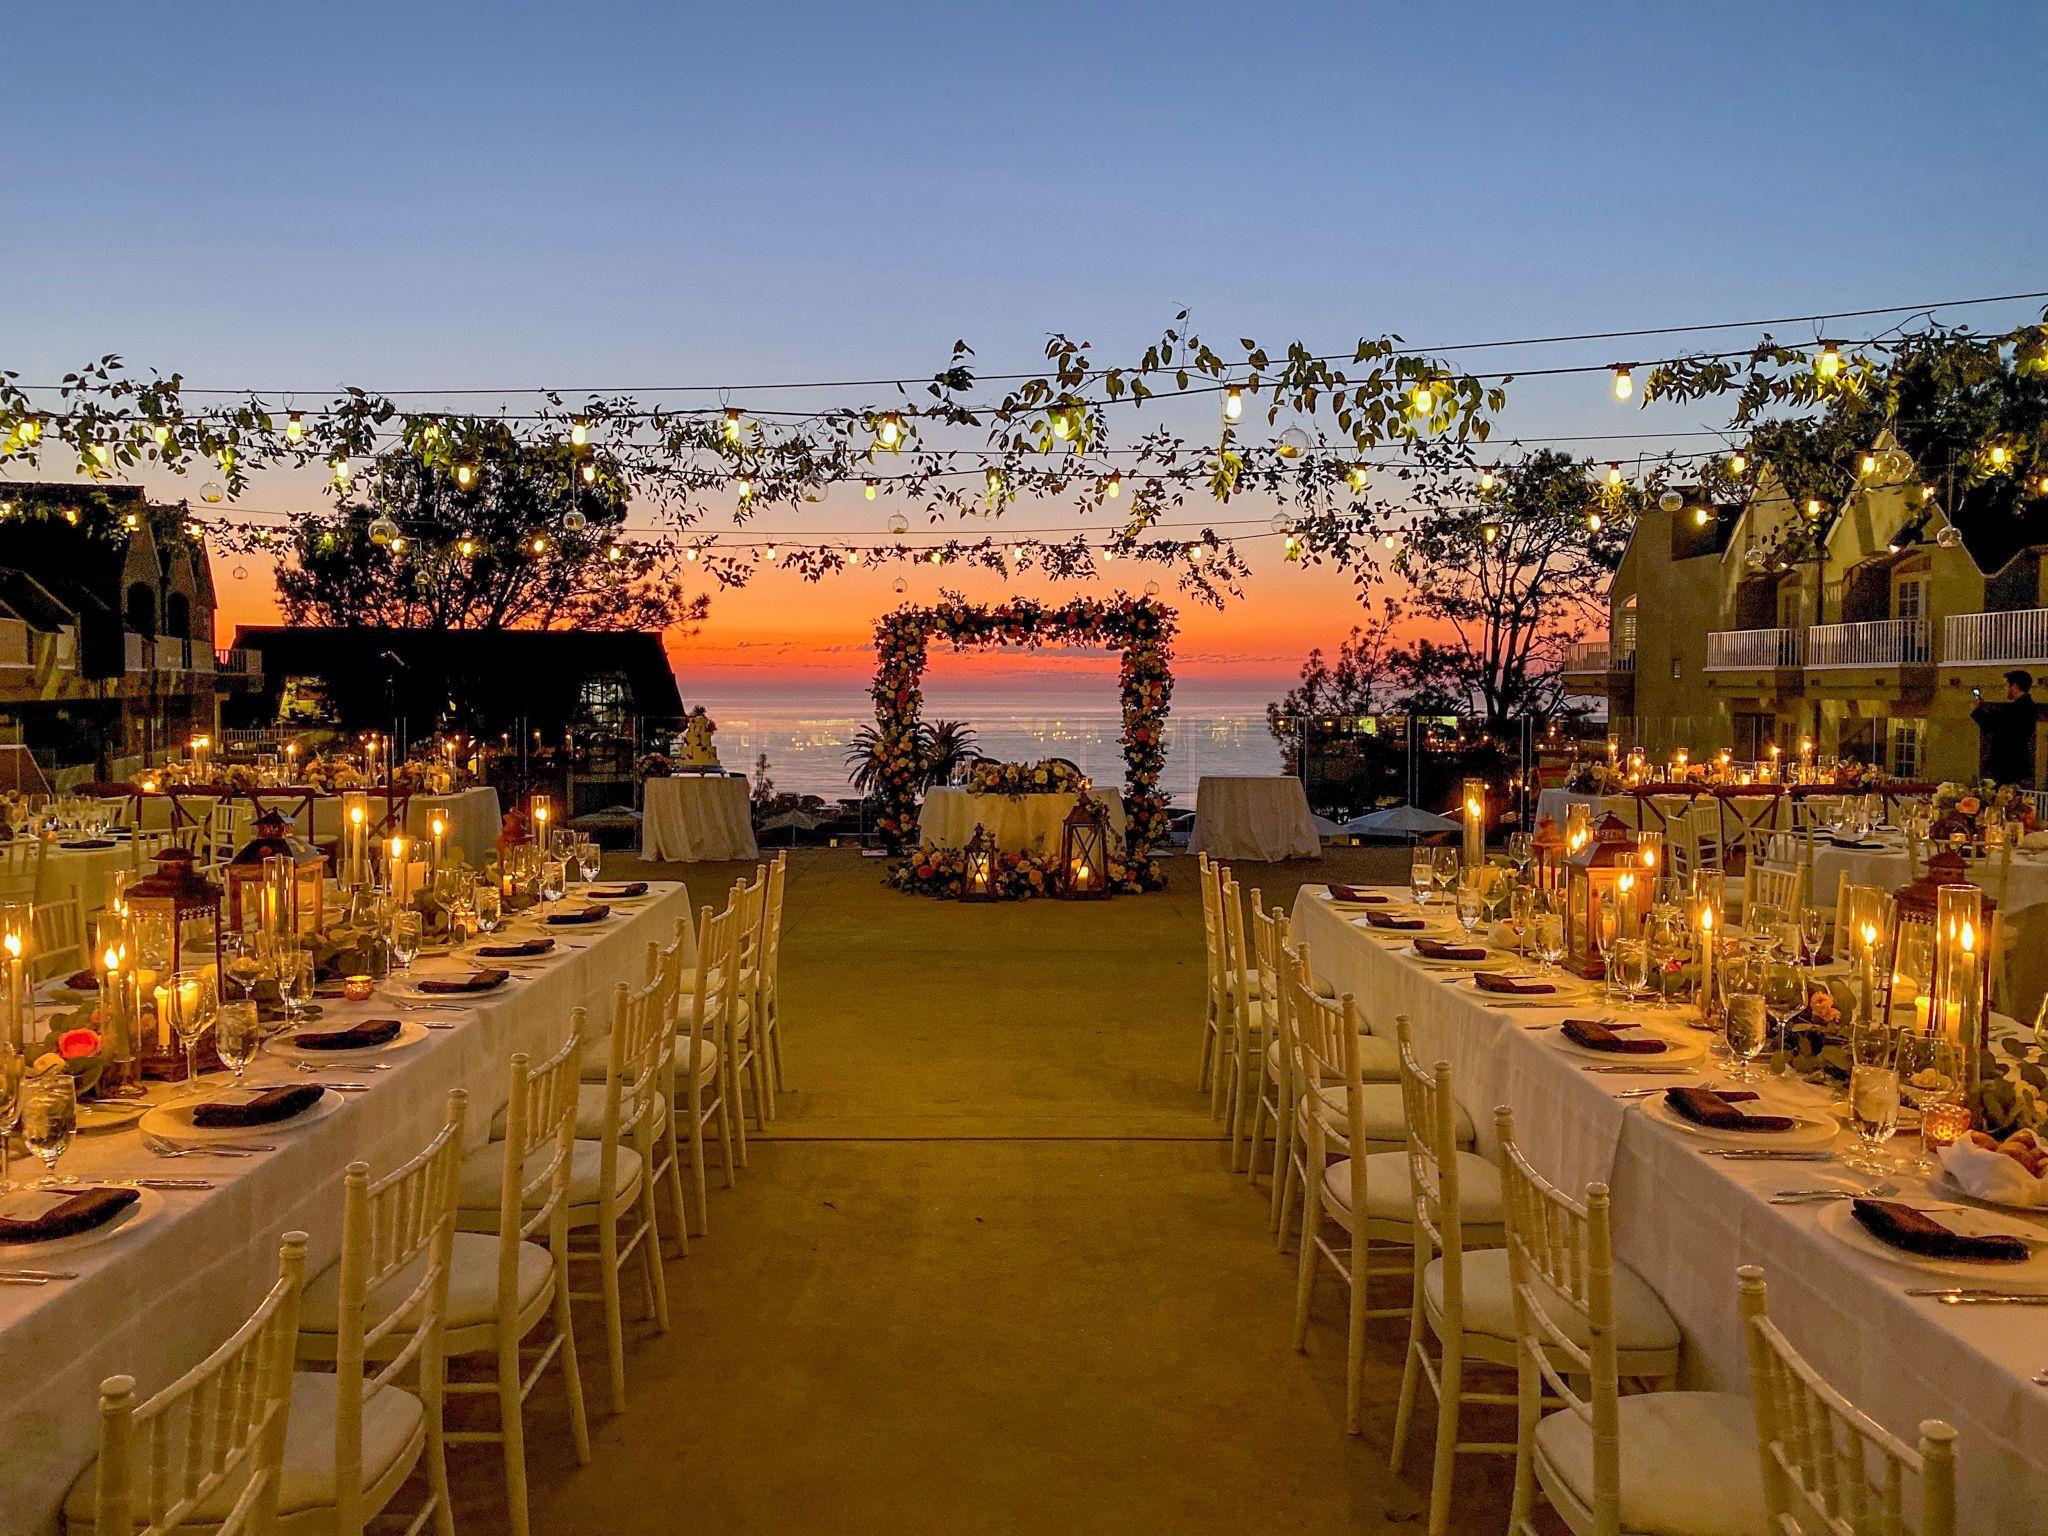 San Diego Beach Weddings in 2020 | Outdoor venues, Wedding ...